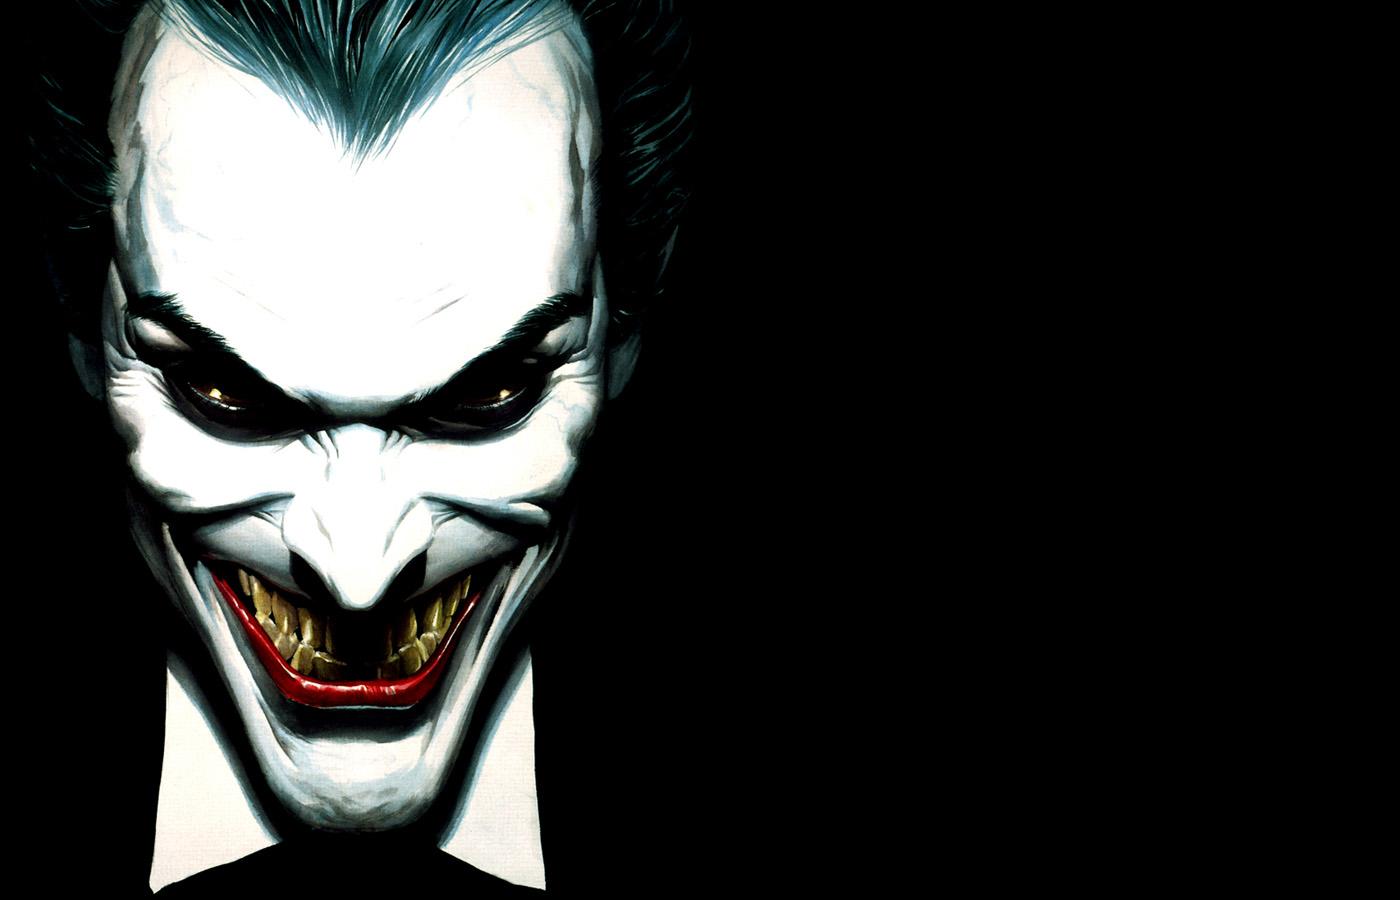 1400x900 Joker face desktop PC and Mac wallpaper 1400x900